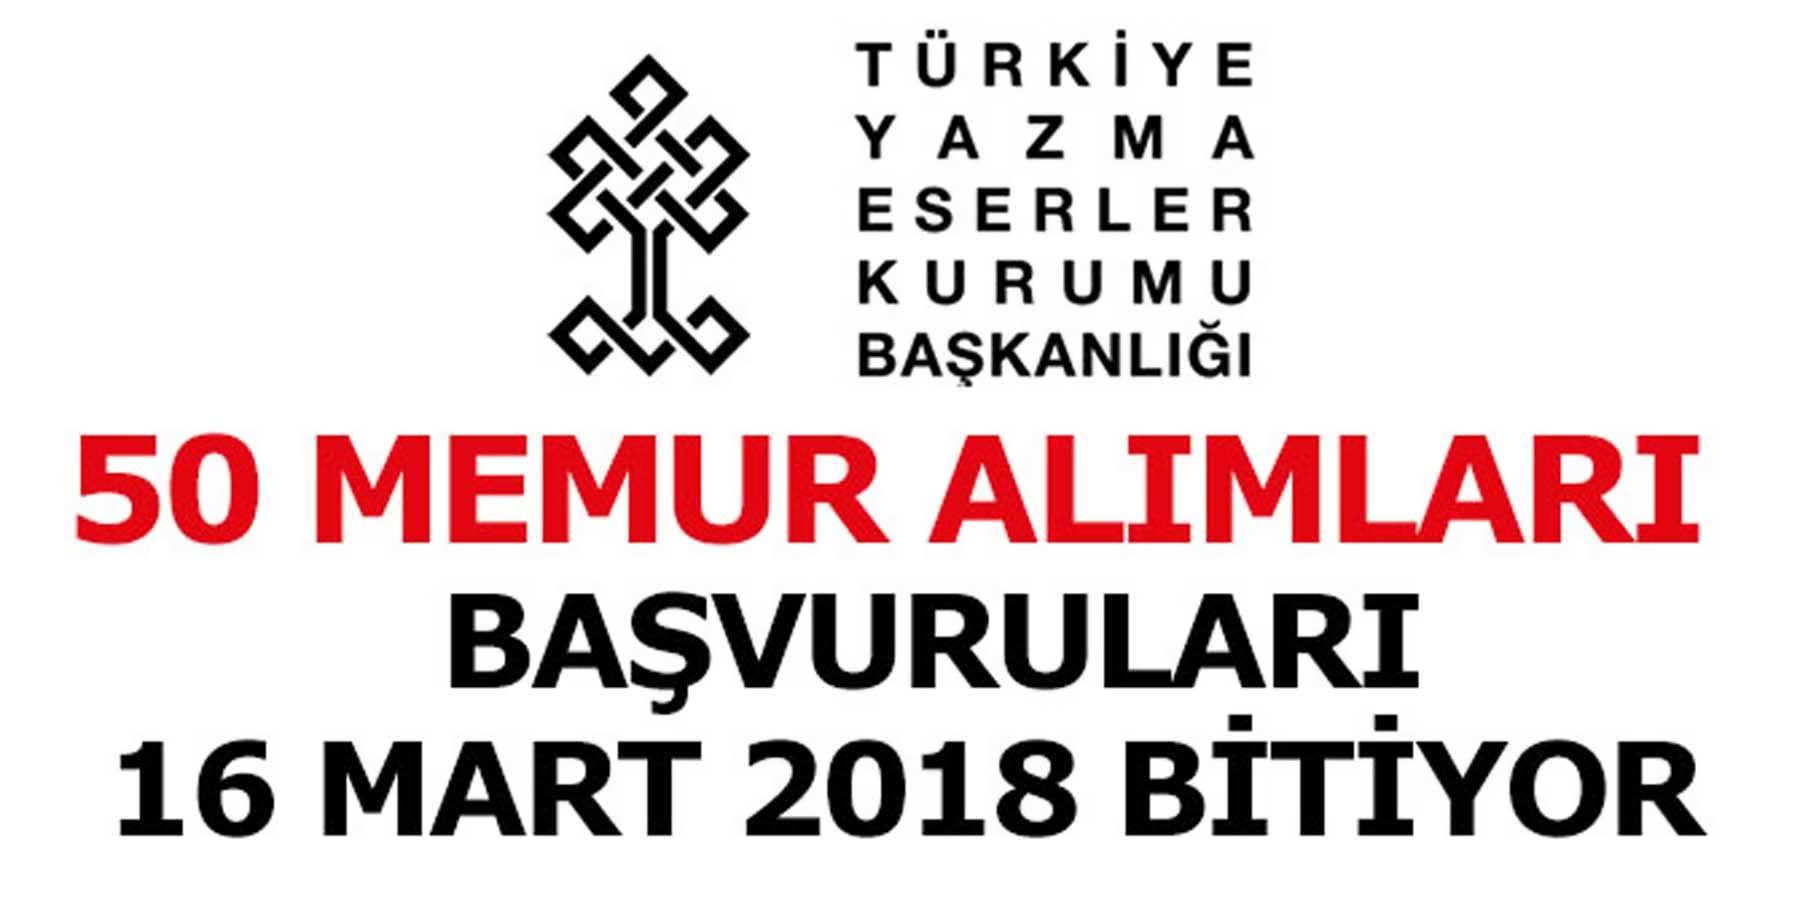 Türkiye Yazma Eserler Kurumu 50 Sözleşmeli Personel Alımları Yarın Bitiyor